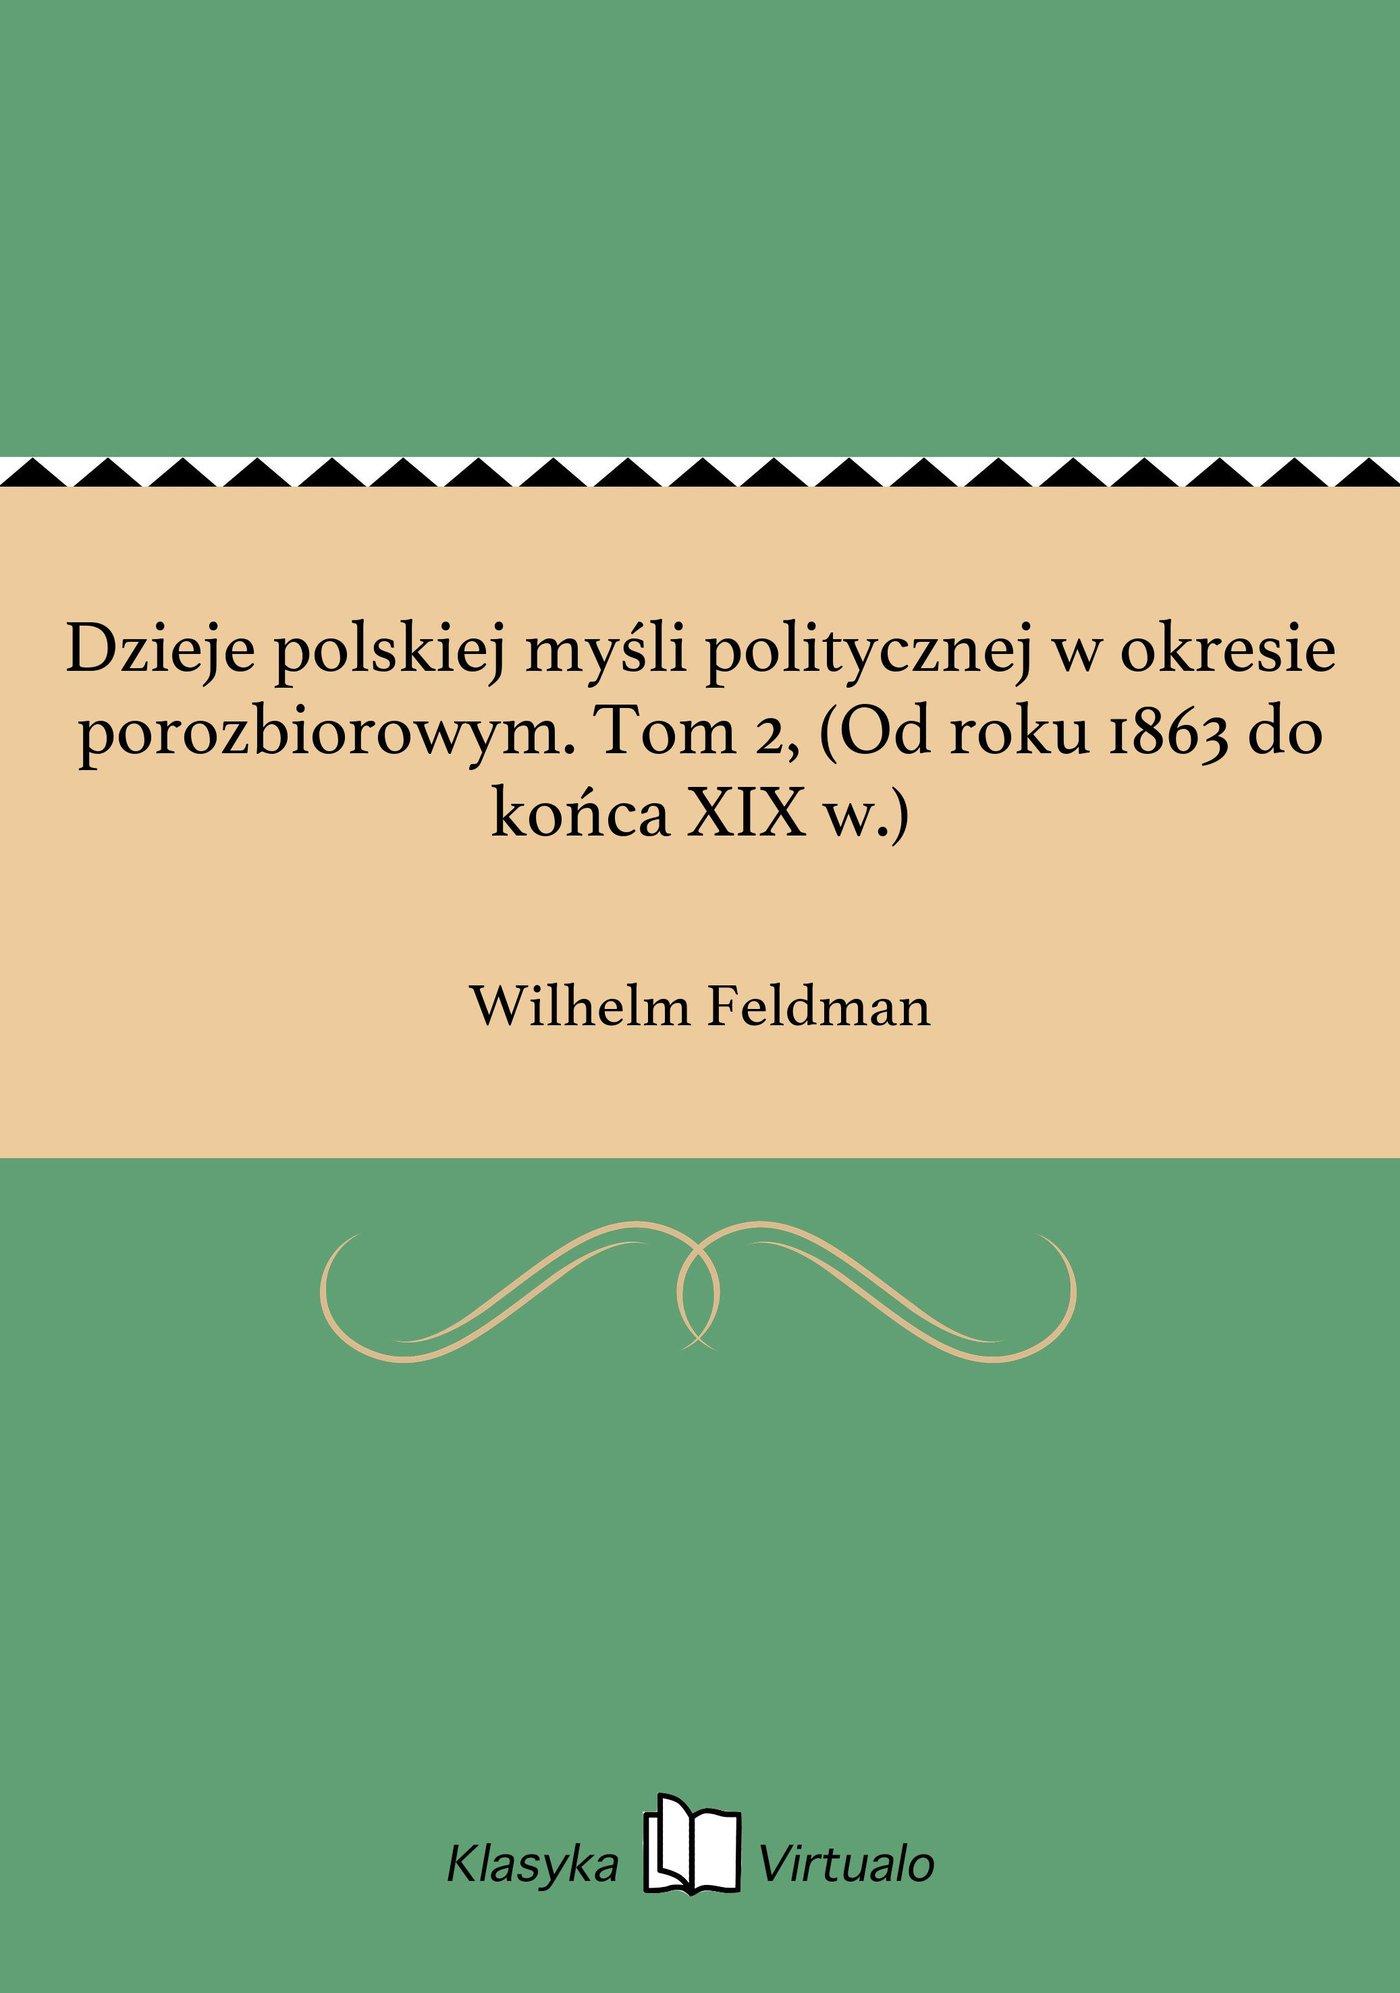 Dzieje polskiej myśli politycznej w okresie porozbiorowym. Tom 2, (Od roku 1863 do końca XIX w.) - Ebook (Książka EPUB) do pobrania w formacie EPUB